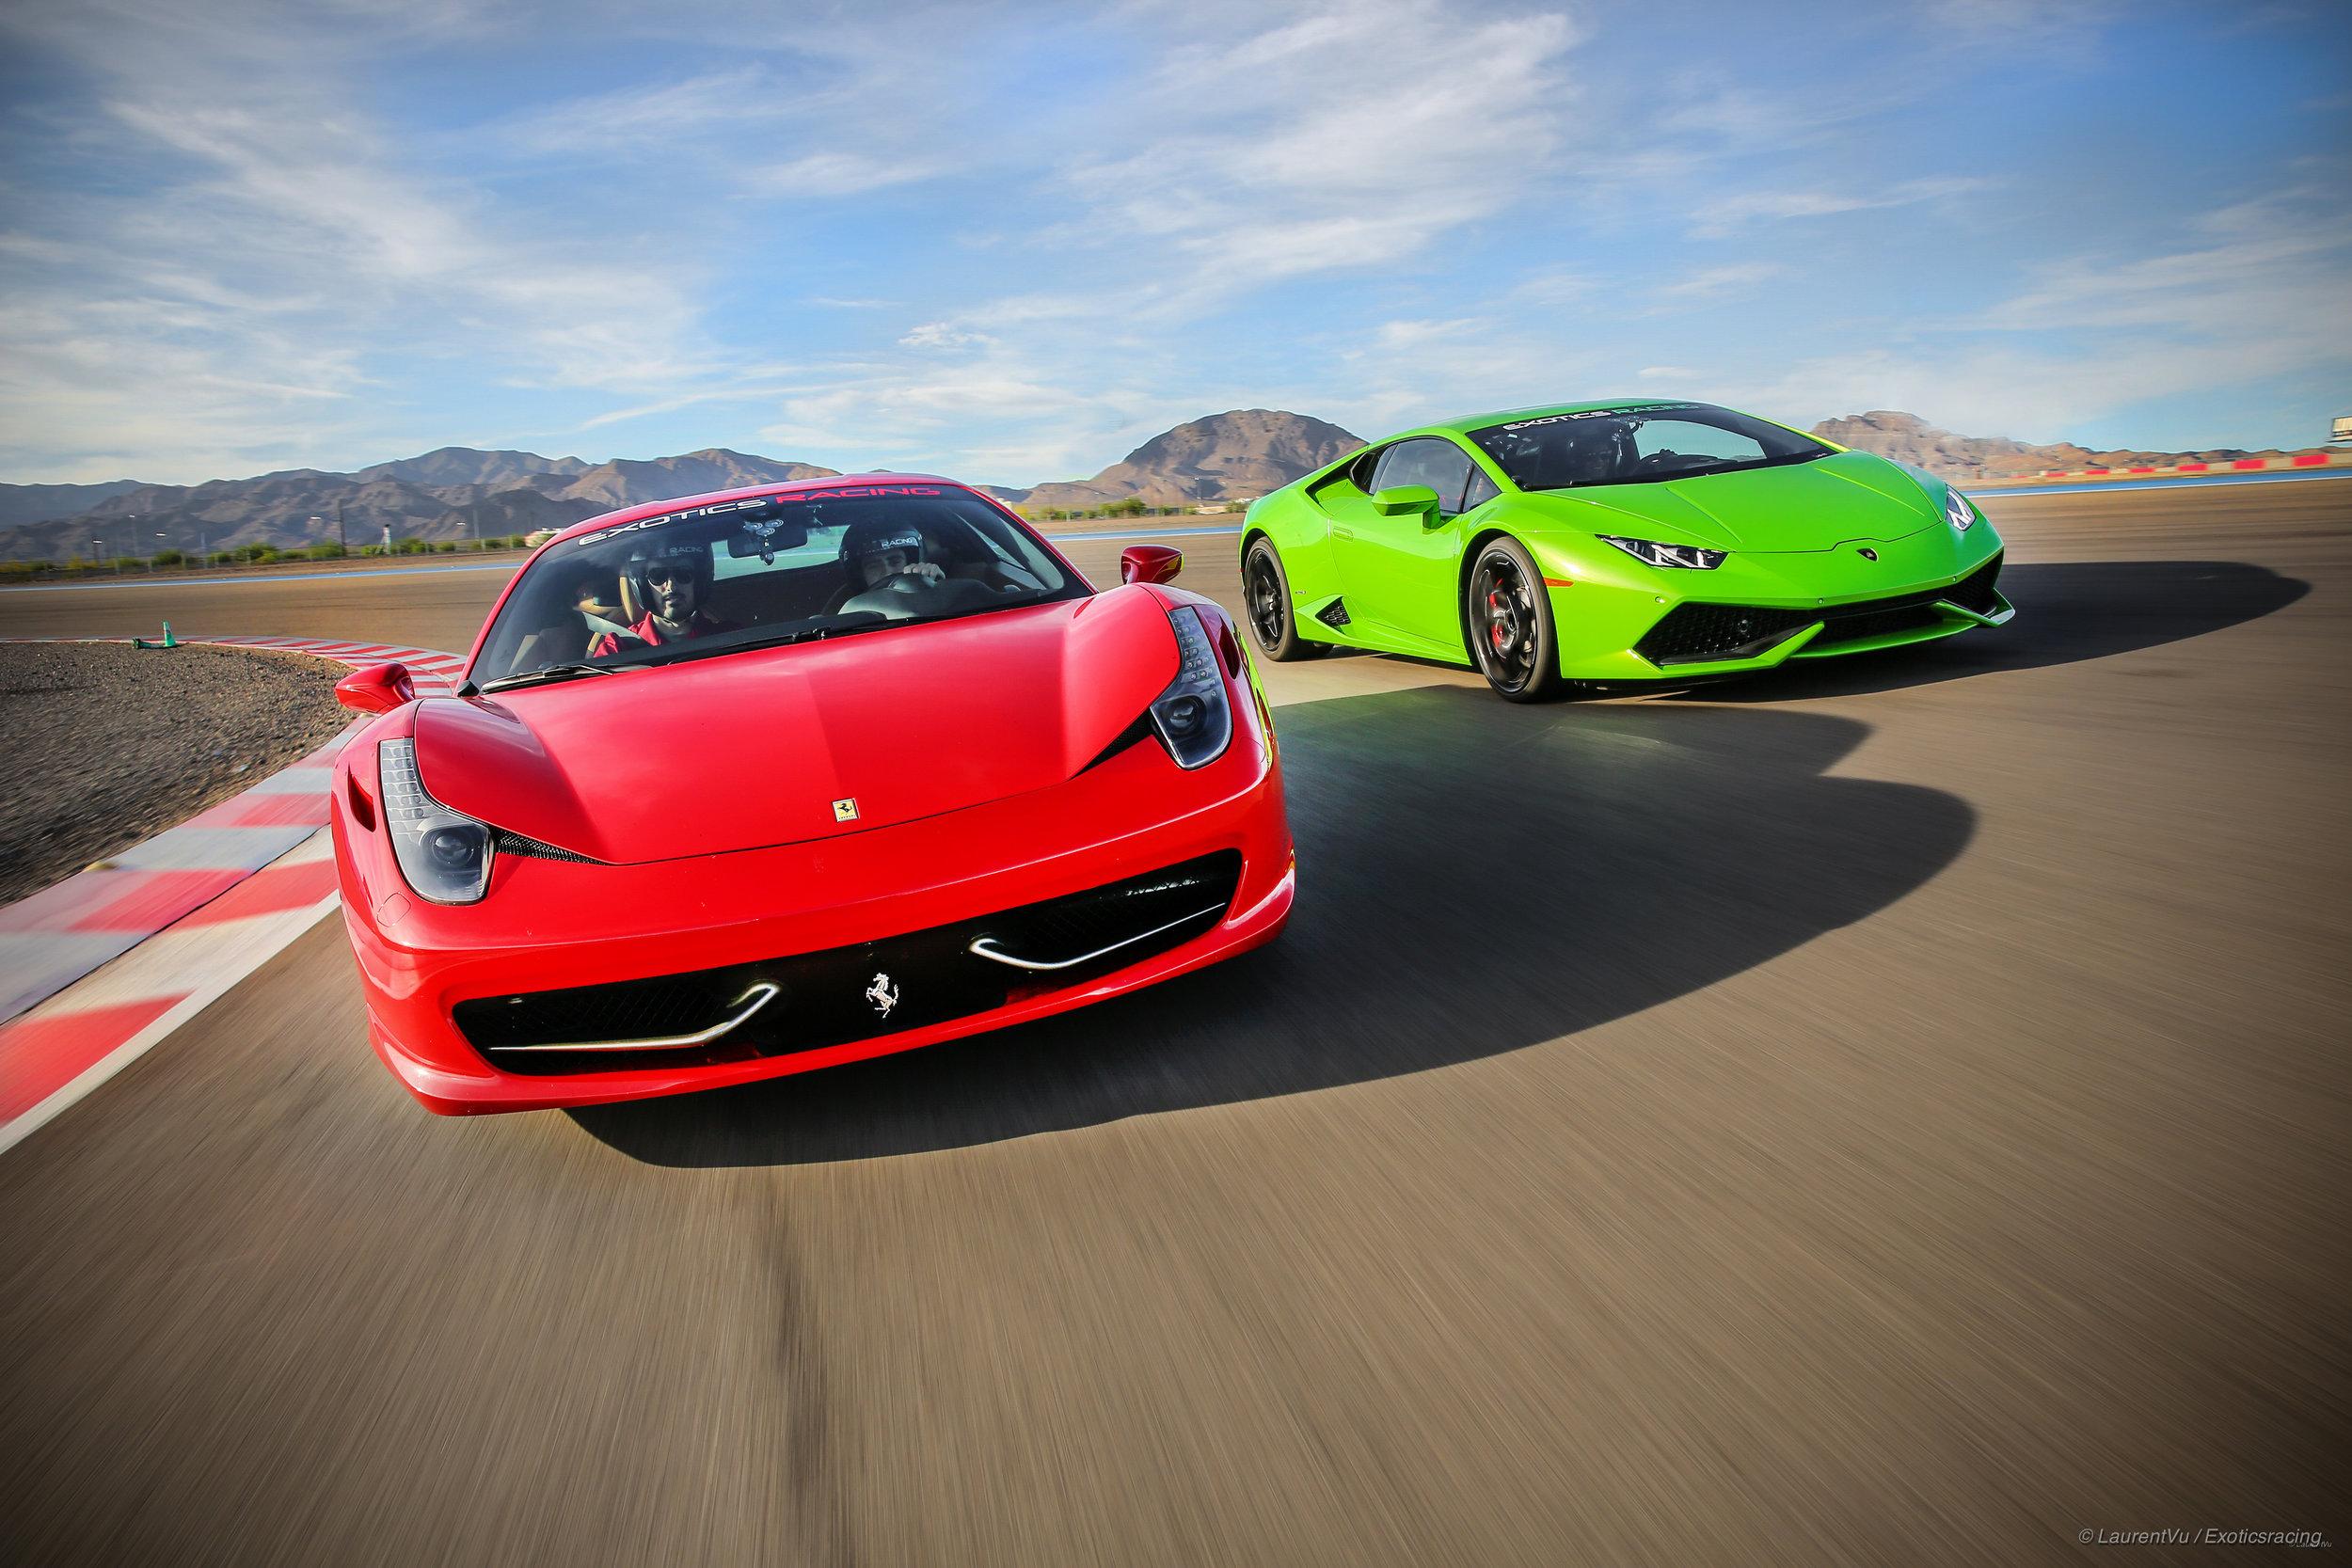 1- Main Image - Ferrari Italia & Lamborghini Huracan.jpg